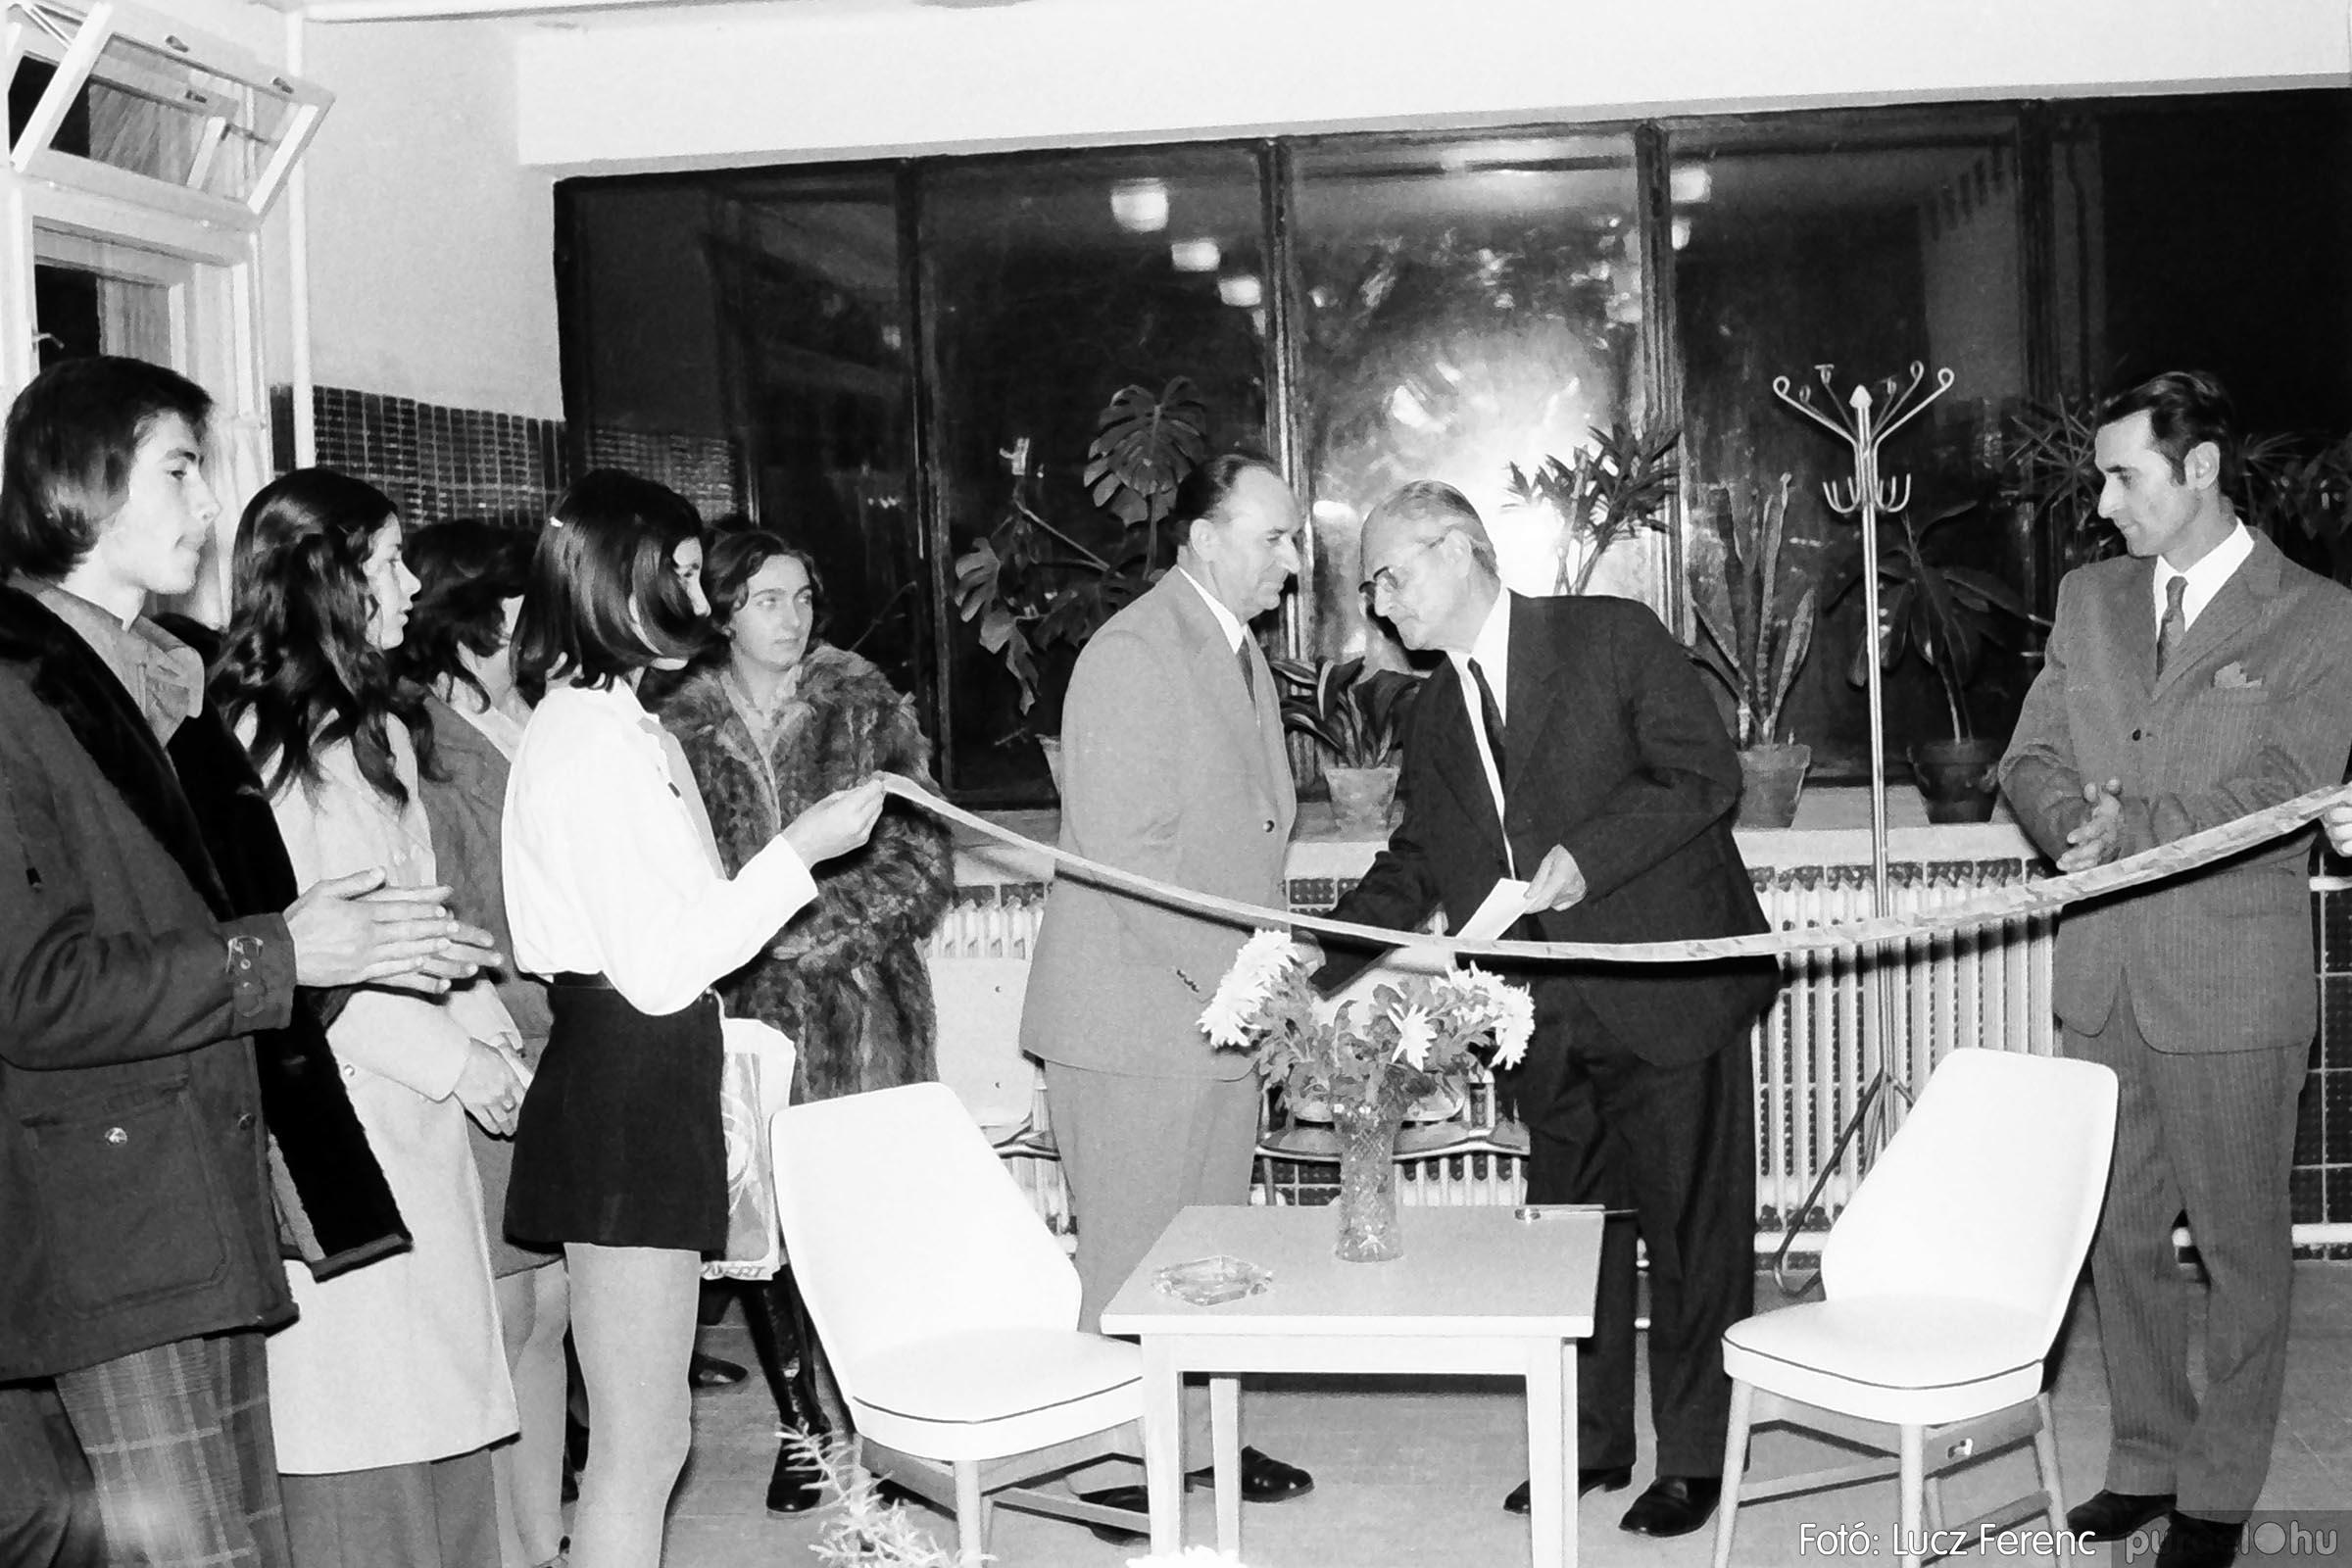 002 1970-es évek - Orvosi rendelő épületének átadása 014 - Fotó: Lucz Ferenc - IMG01112q.jpg